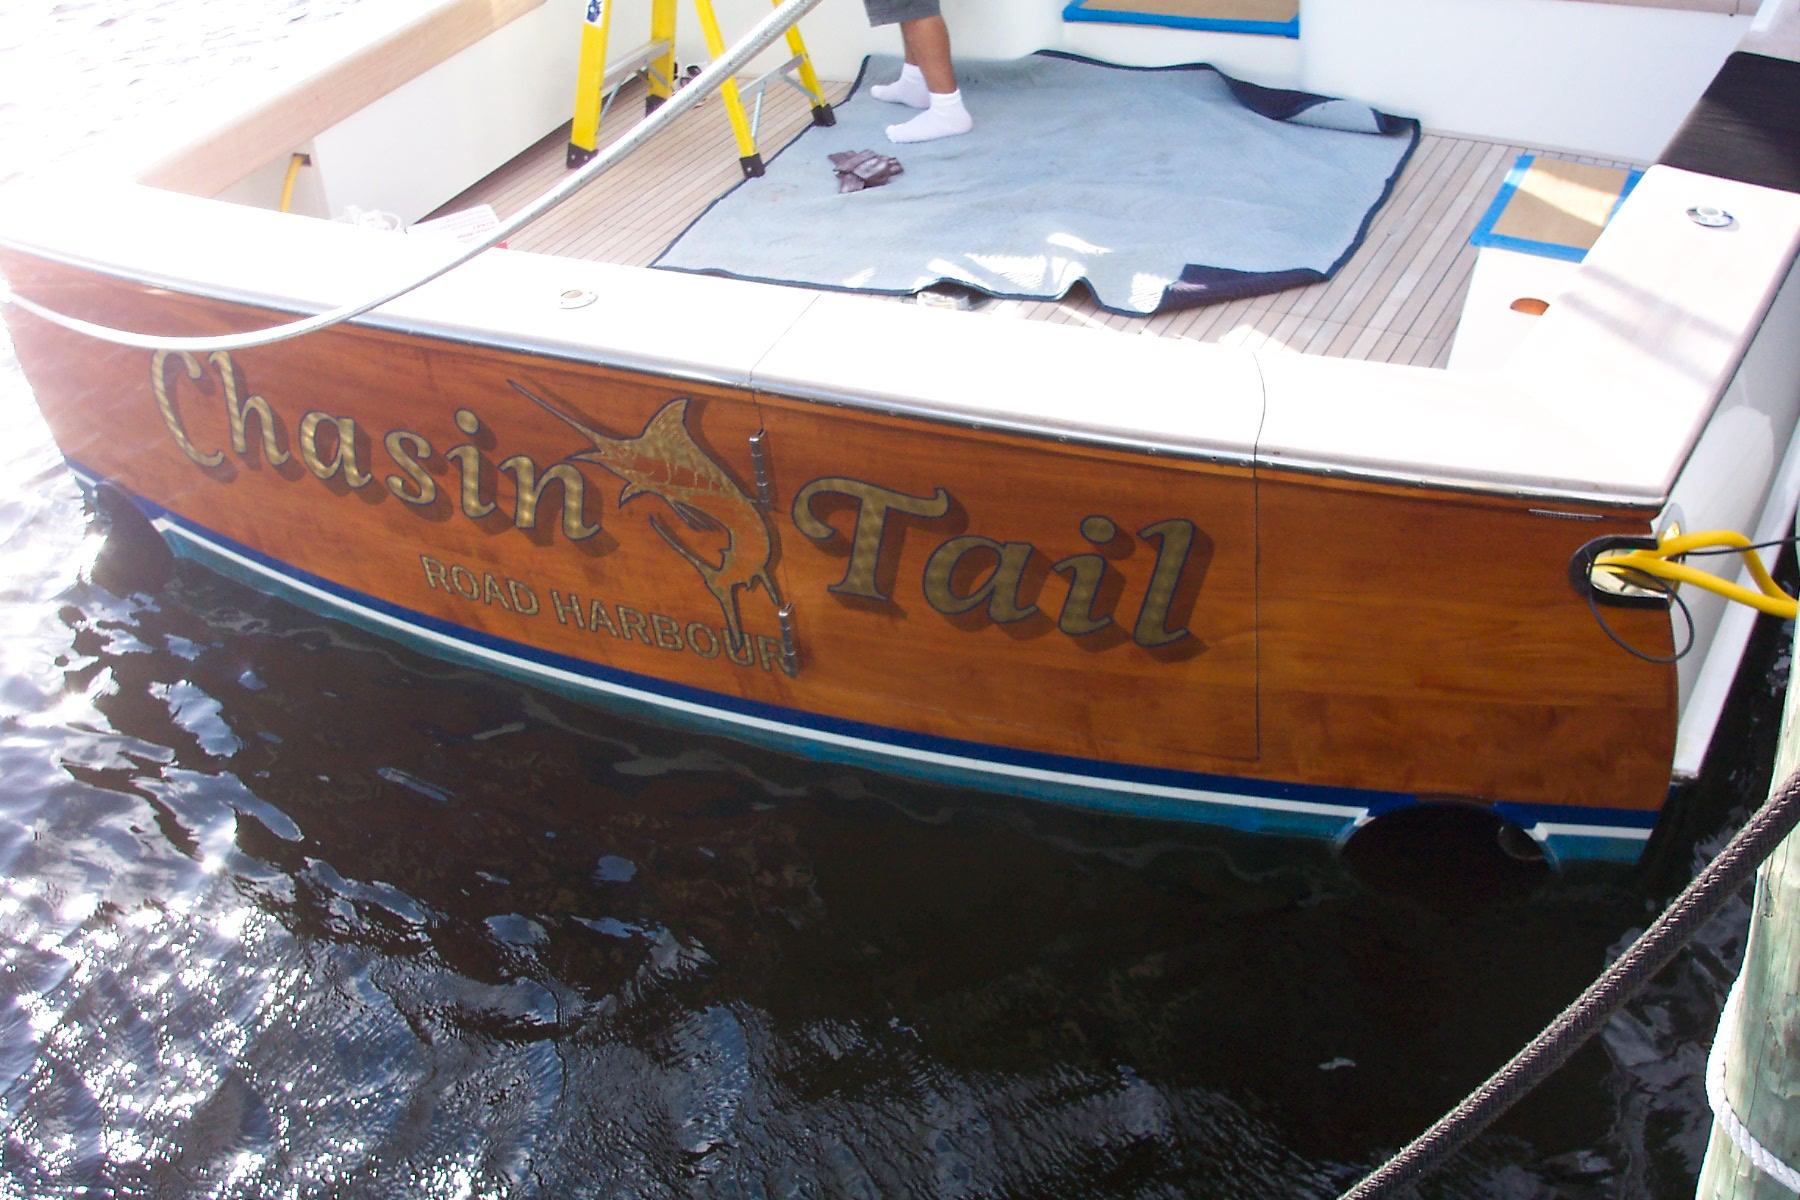 Treasure Coast Propellers Stuart Florida